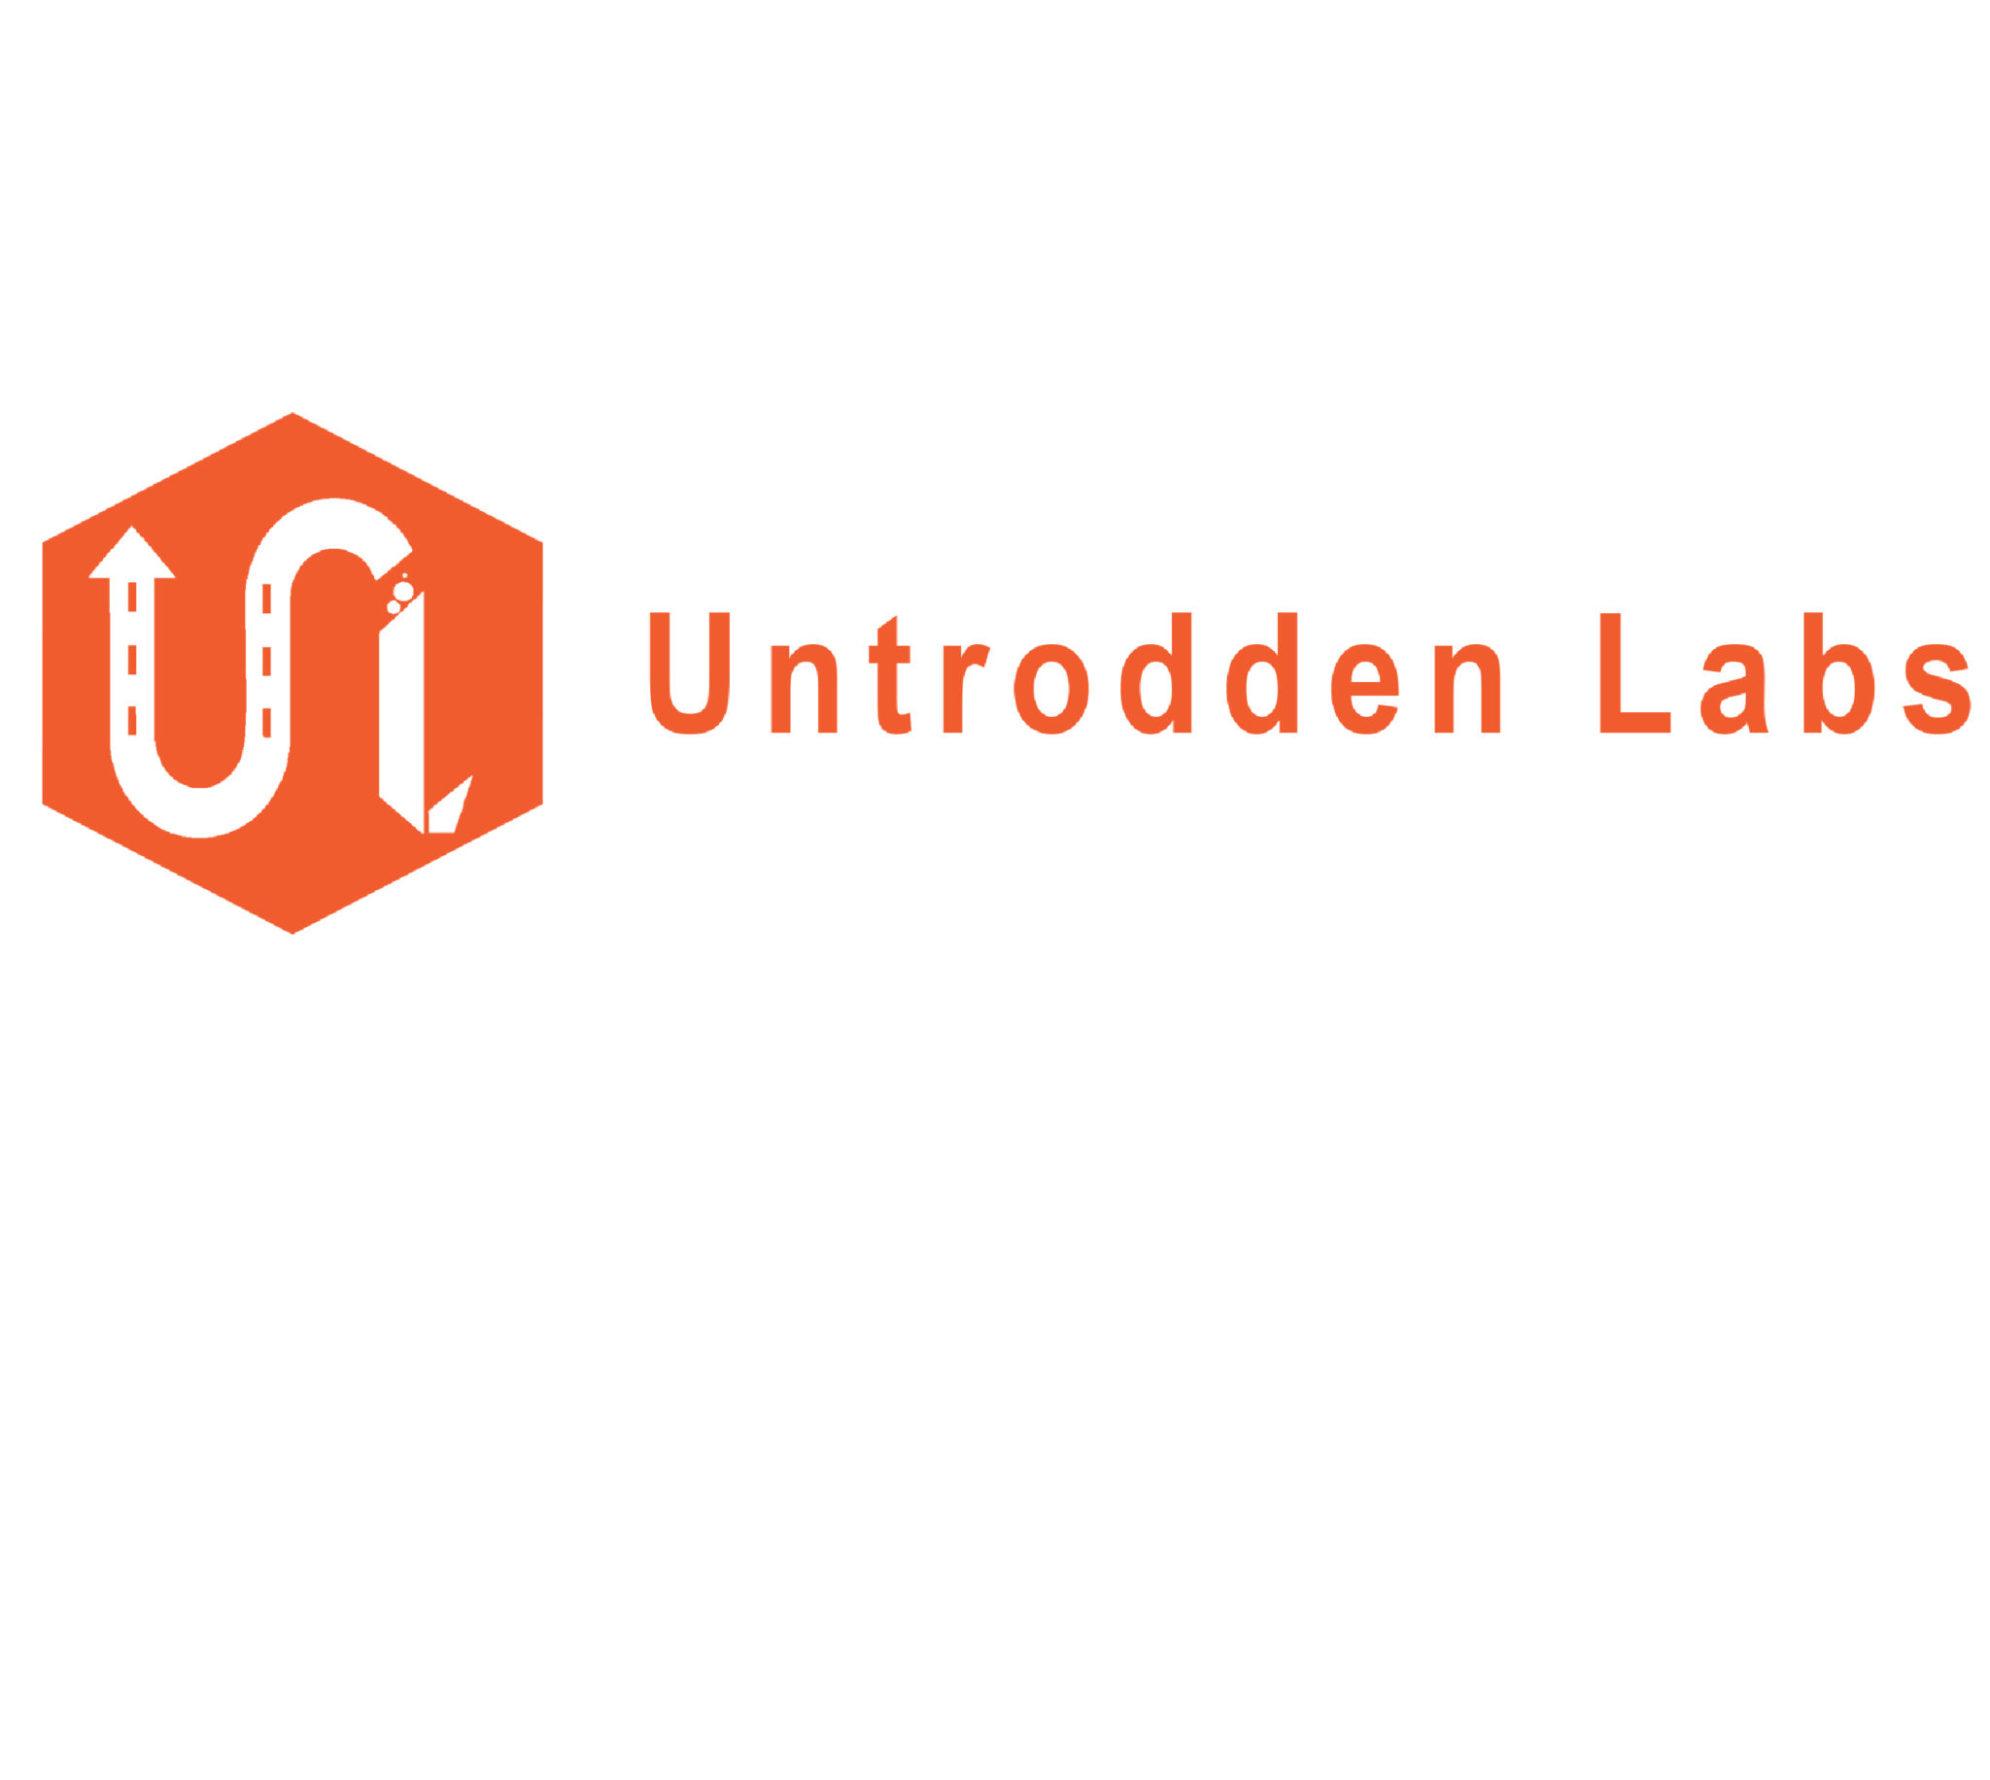 Untrodden Labs